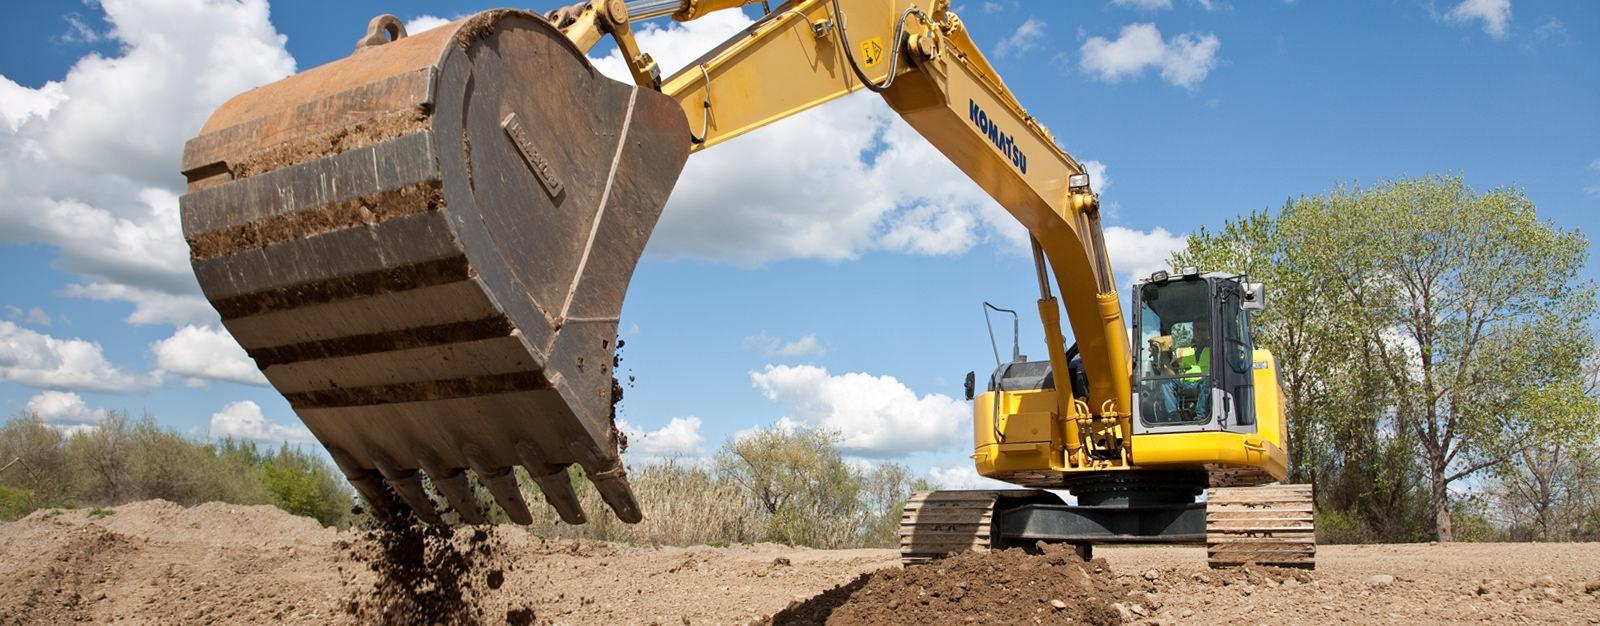 Excavation White Rock Excavators in White Rock Excavating Service in White Rock Excavating Company White Rock Best Excavation White Rock